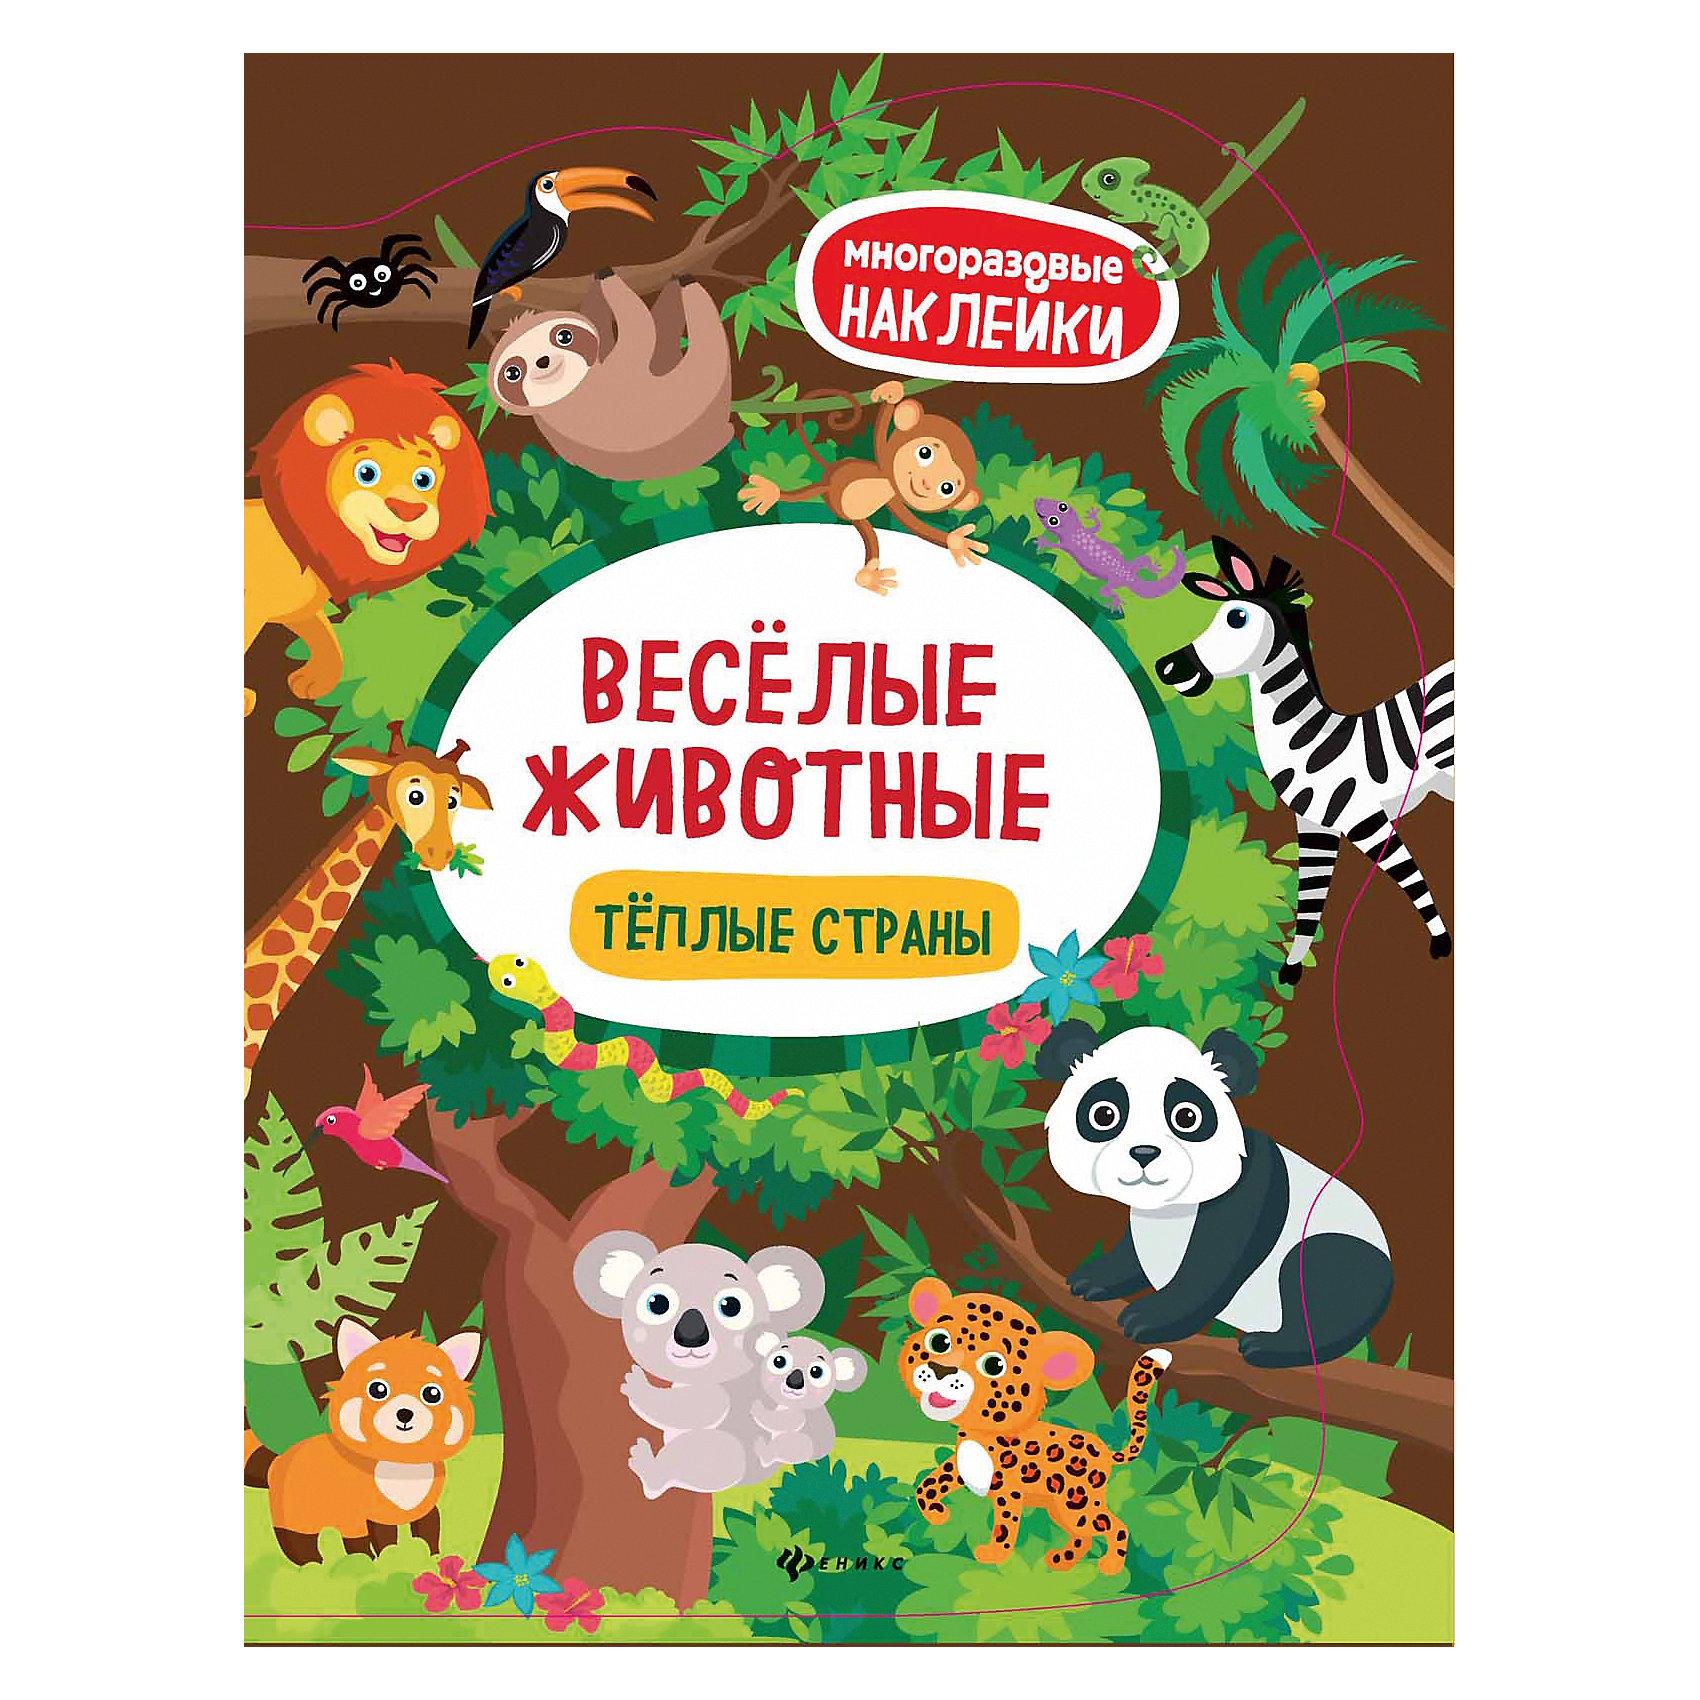 Веселые животные Теплые страны: книжка с наклейКнижки с наклейками<br>Фантазируй, приклеивай животных и сочиняй истории<br>Дополни картинки, используя красочные наклейки, которые ты найдёшь внутри книги. Наклейки с изображениями забавных животных помогут тебе создать<br>чудесную историю в картинках на каждой странице.<br>Украшать книгу наклейками - занятие не только интересное, но и полезное, так как<br>• способствует развитию воображения, мелкой моторики;<br>• позволяет лучше угнать окружающий мир;<br>• положительно влияет на речевое и интеллектуальное развитие;<br>• учит находить ипринимать решения.<br><br>Ширина мм: 256<br>Глубина мм: 200<br>Высота мм: 10<br>Вес г: 40<br>Возраст от месяцев: 48<br>Возраст до месяцев: 72<br>Пол: Унисекс<br>Возраст: Детский<br>SKU: 7127610